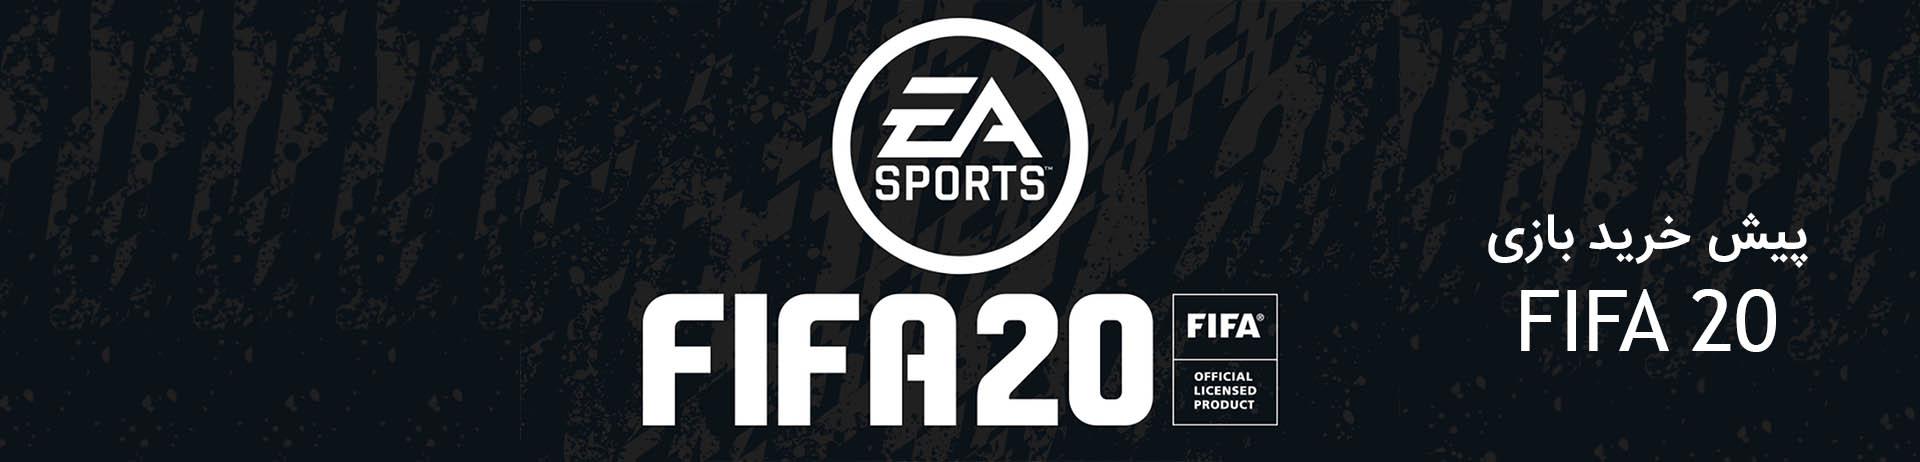 http://gamecdkey.ir/wp-content/uploads/FIFA20Bannercontent-2.jpg